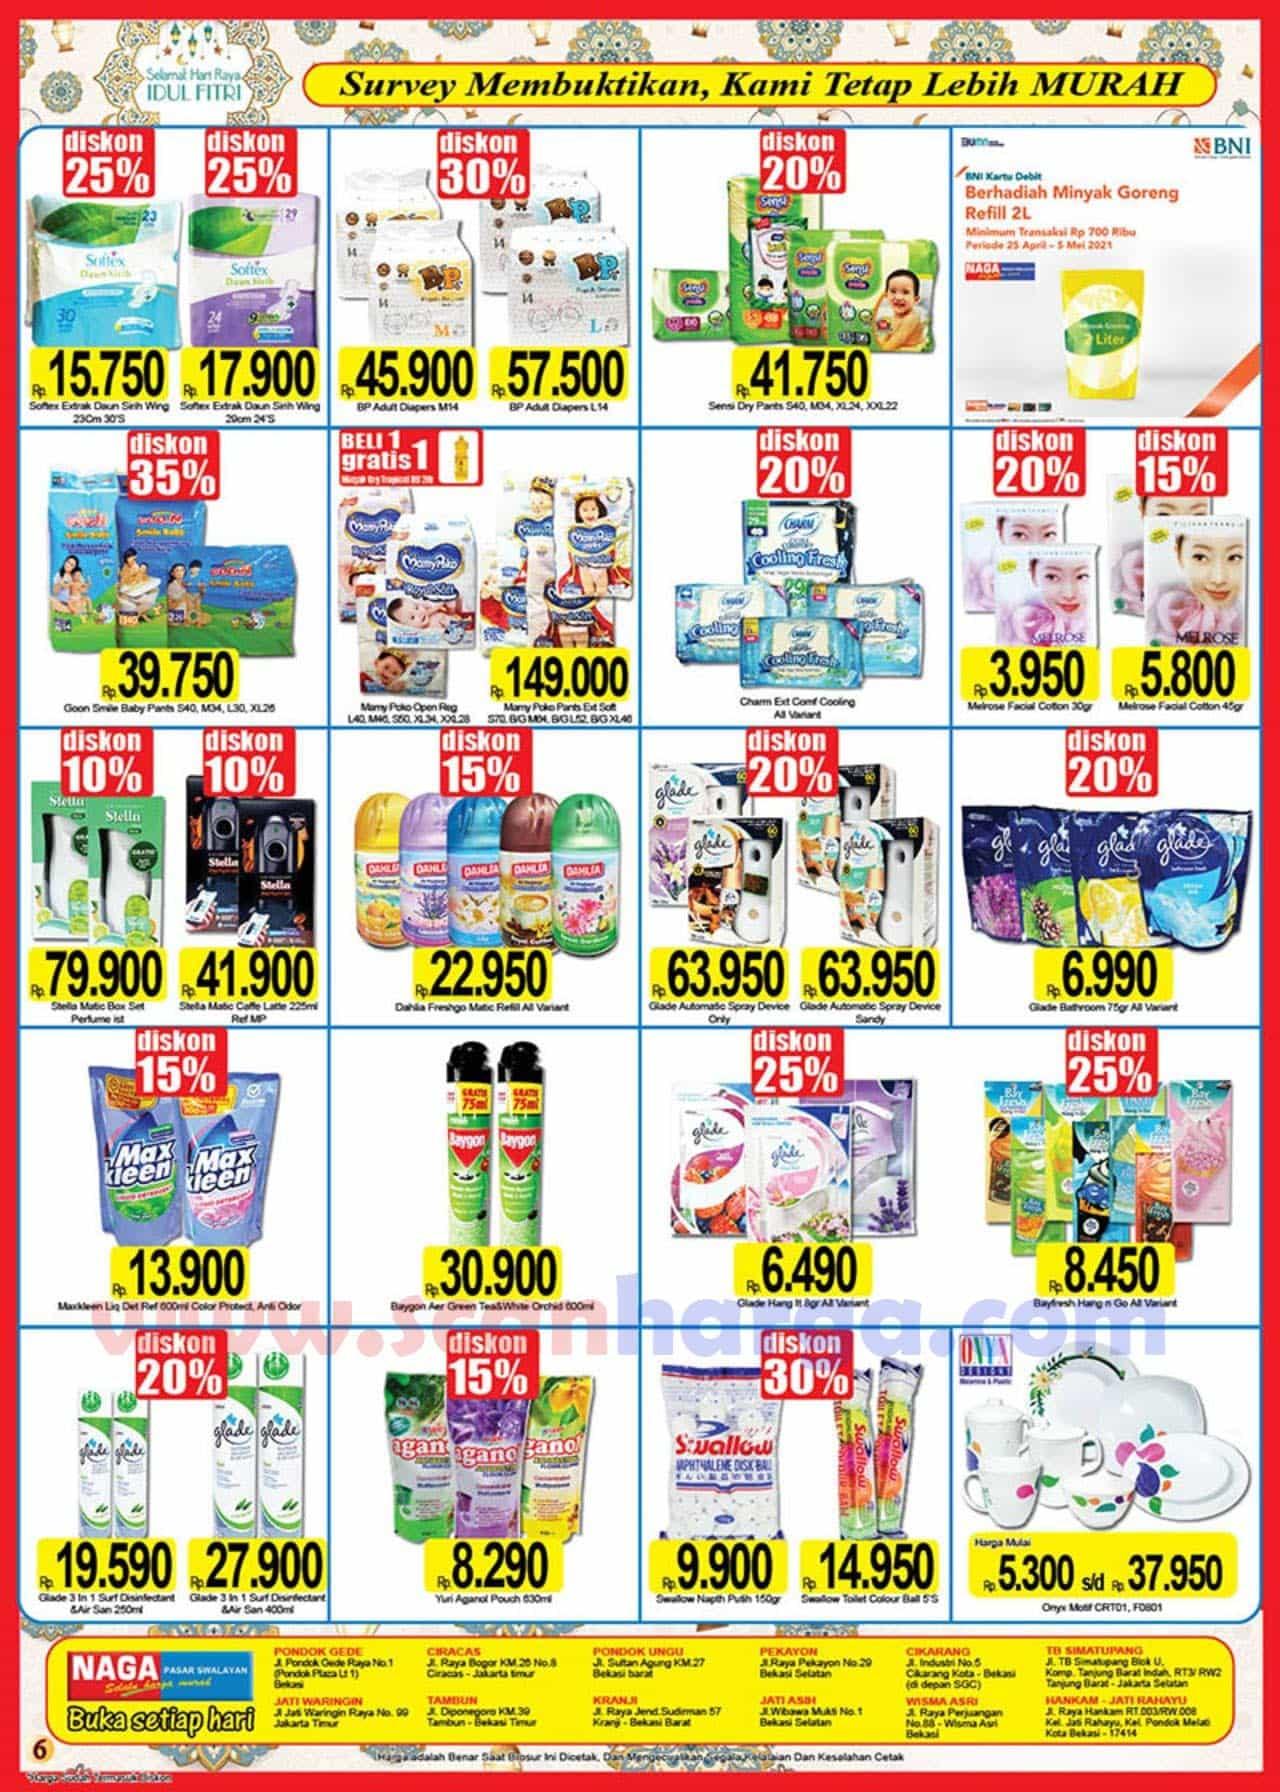 Katalog Promo Naga Pasar Swalayan 25 April - 16 Mei 2021 6